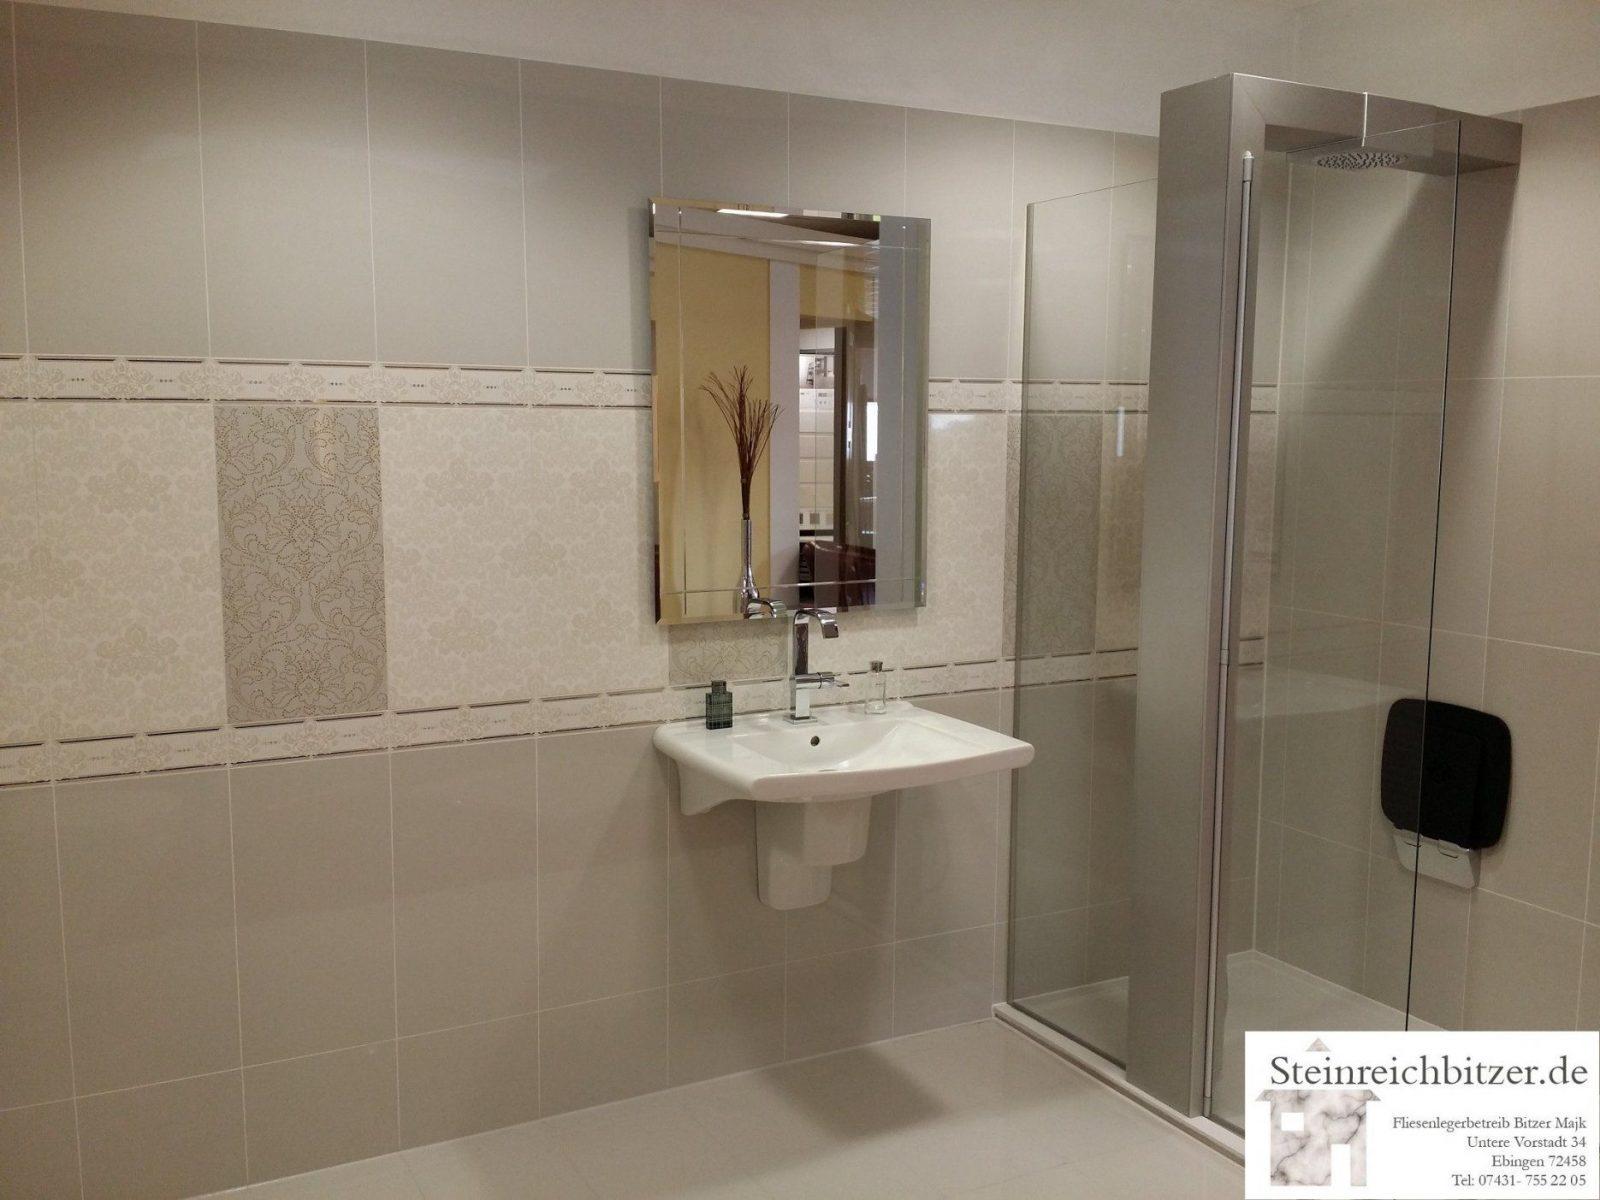 Dusche Einbauen Kosten Bodentiefe Dusche Einbauen Simple Flache